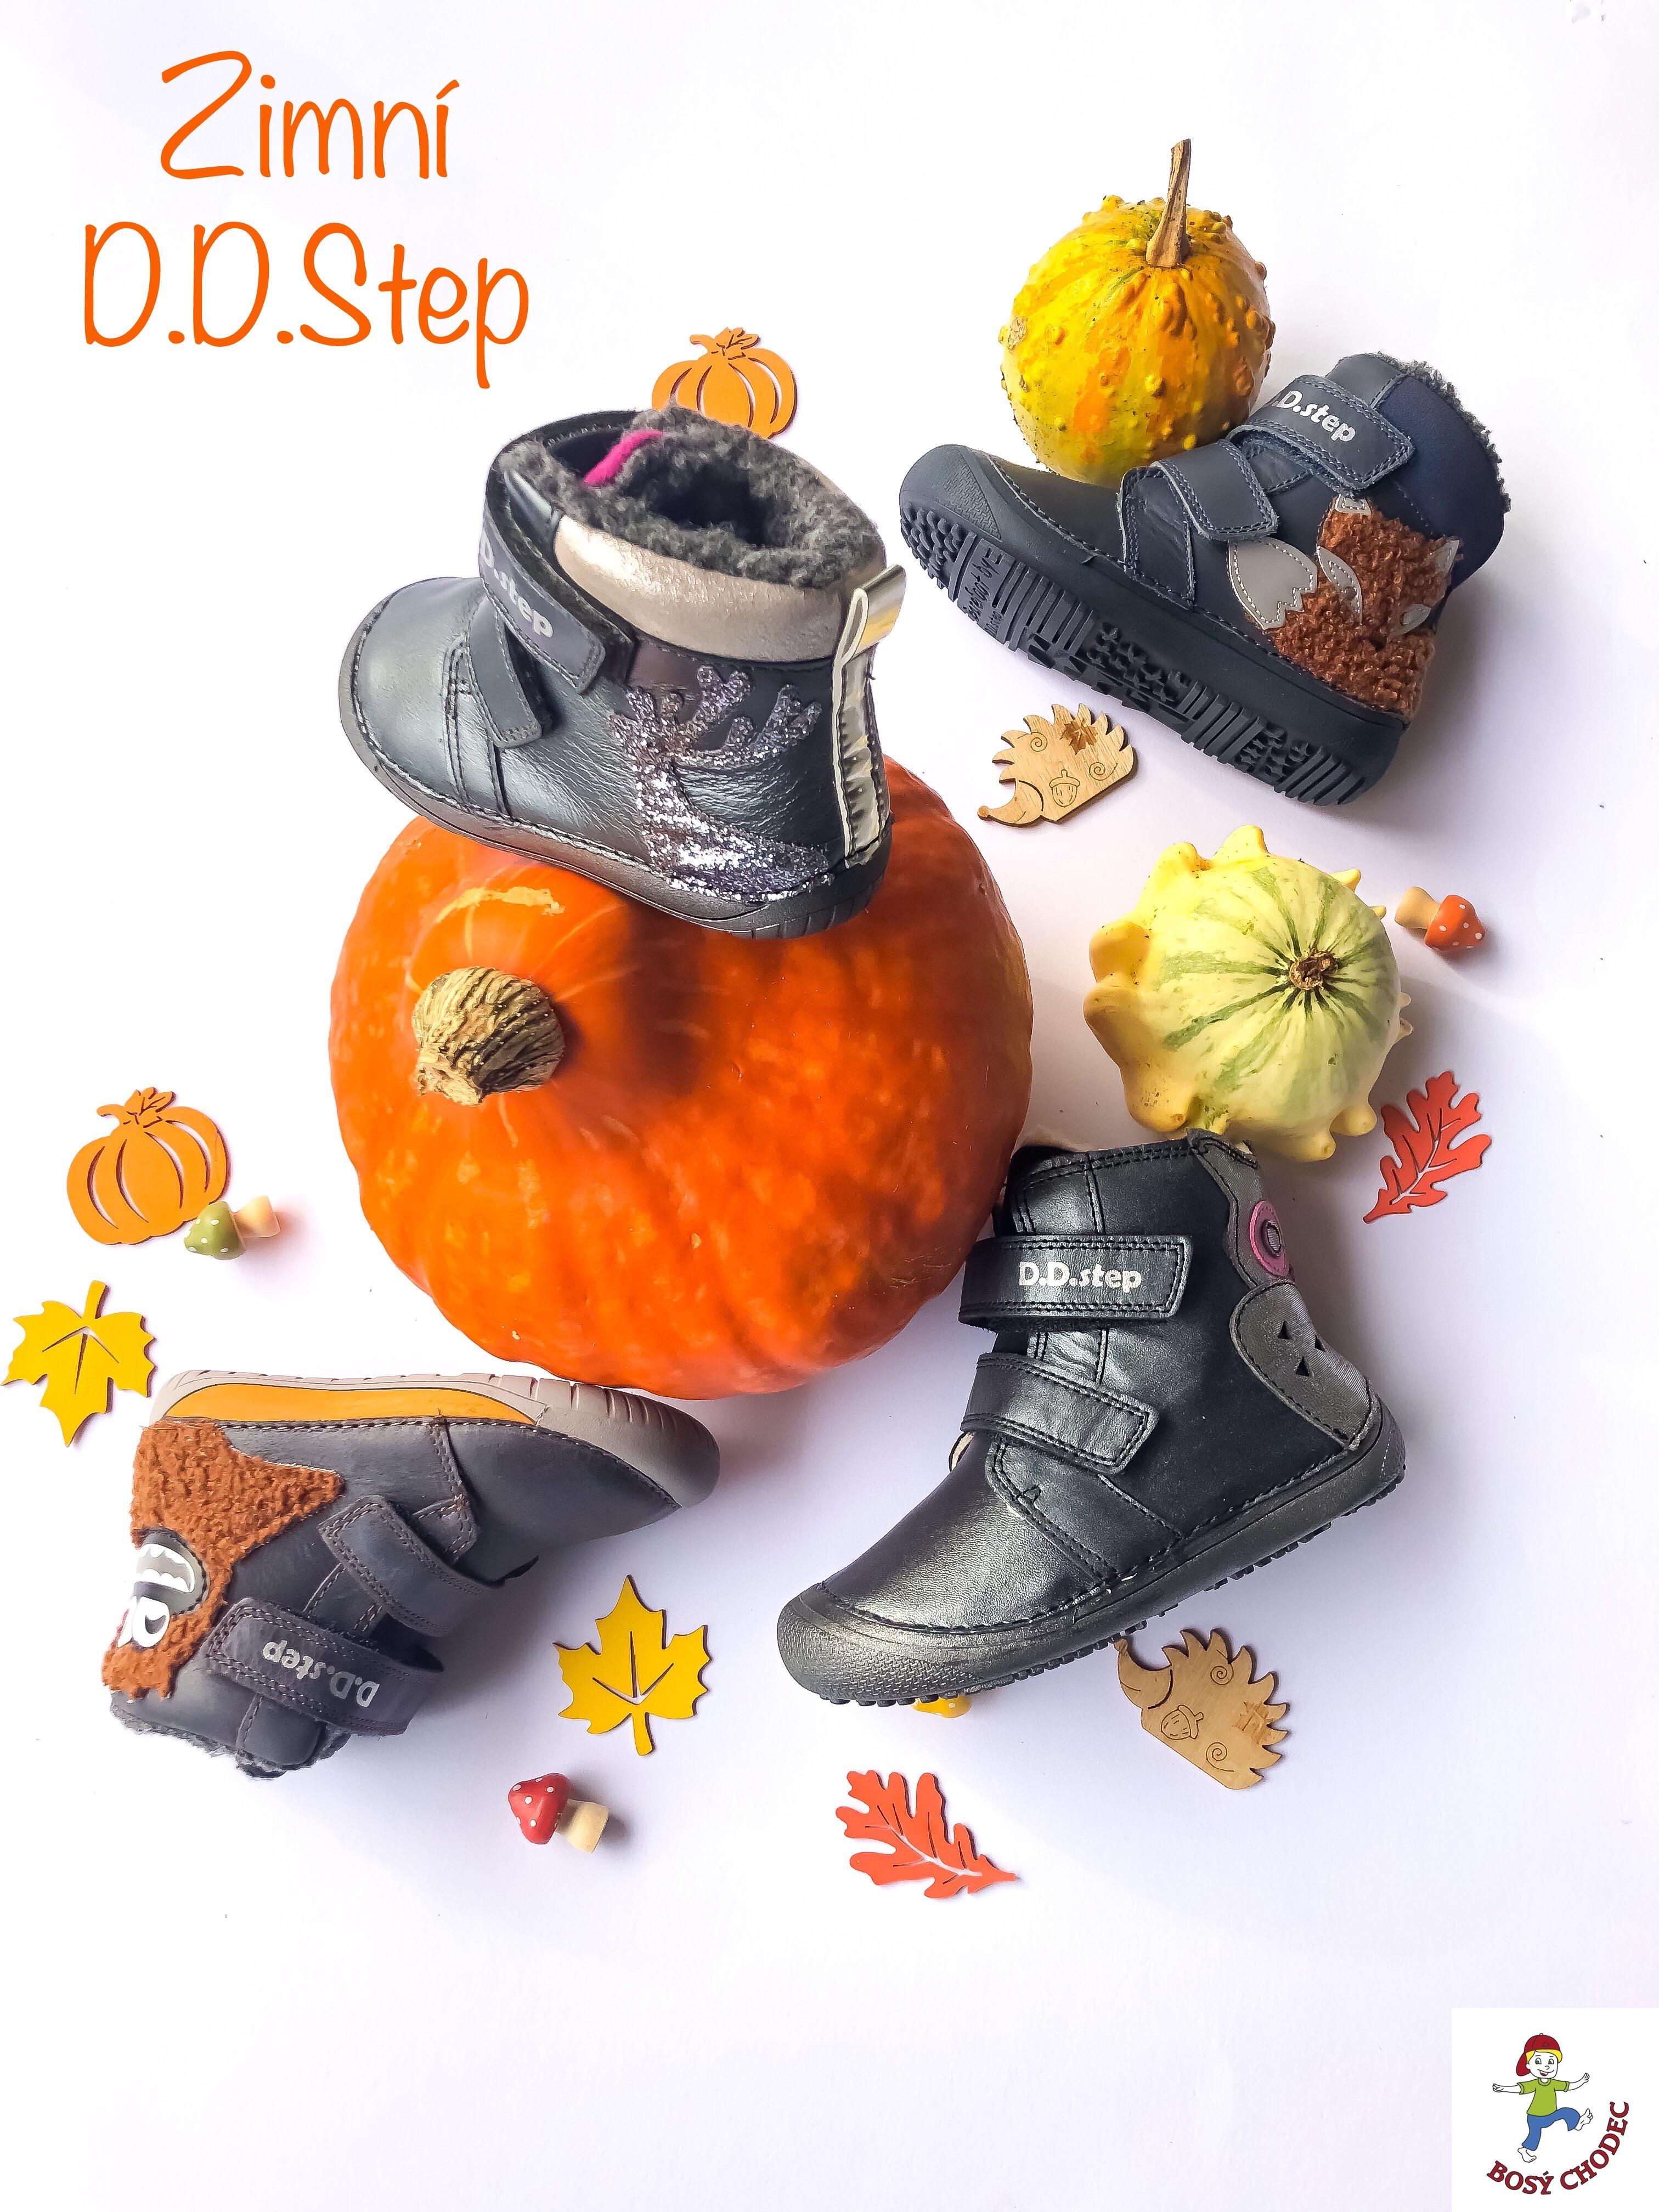 Dětské zimní boty D.D.Step